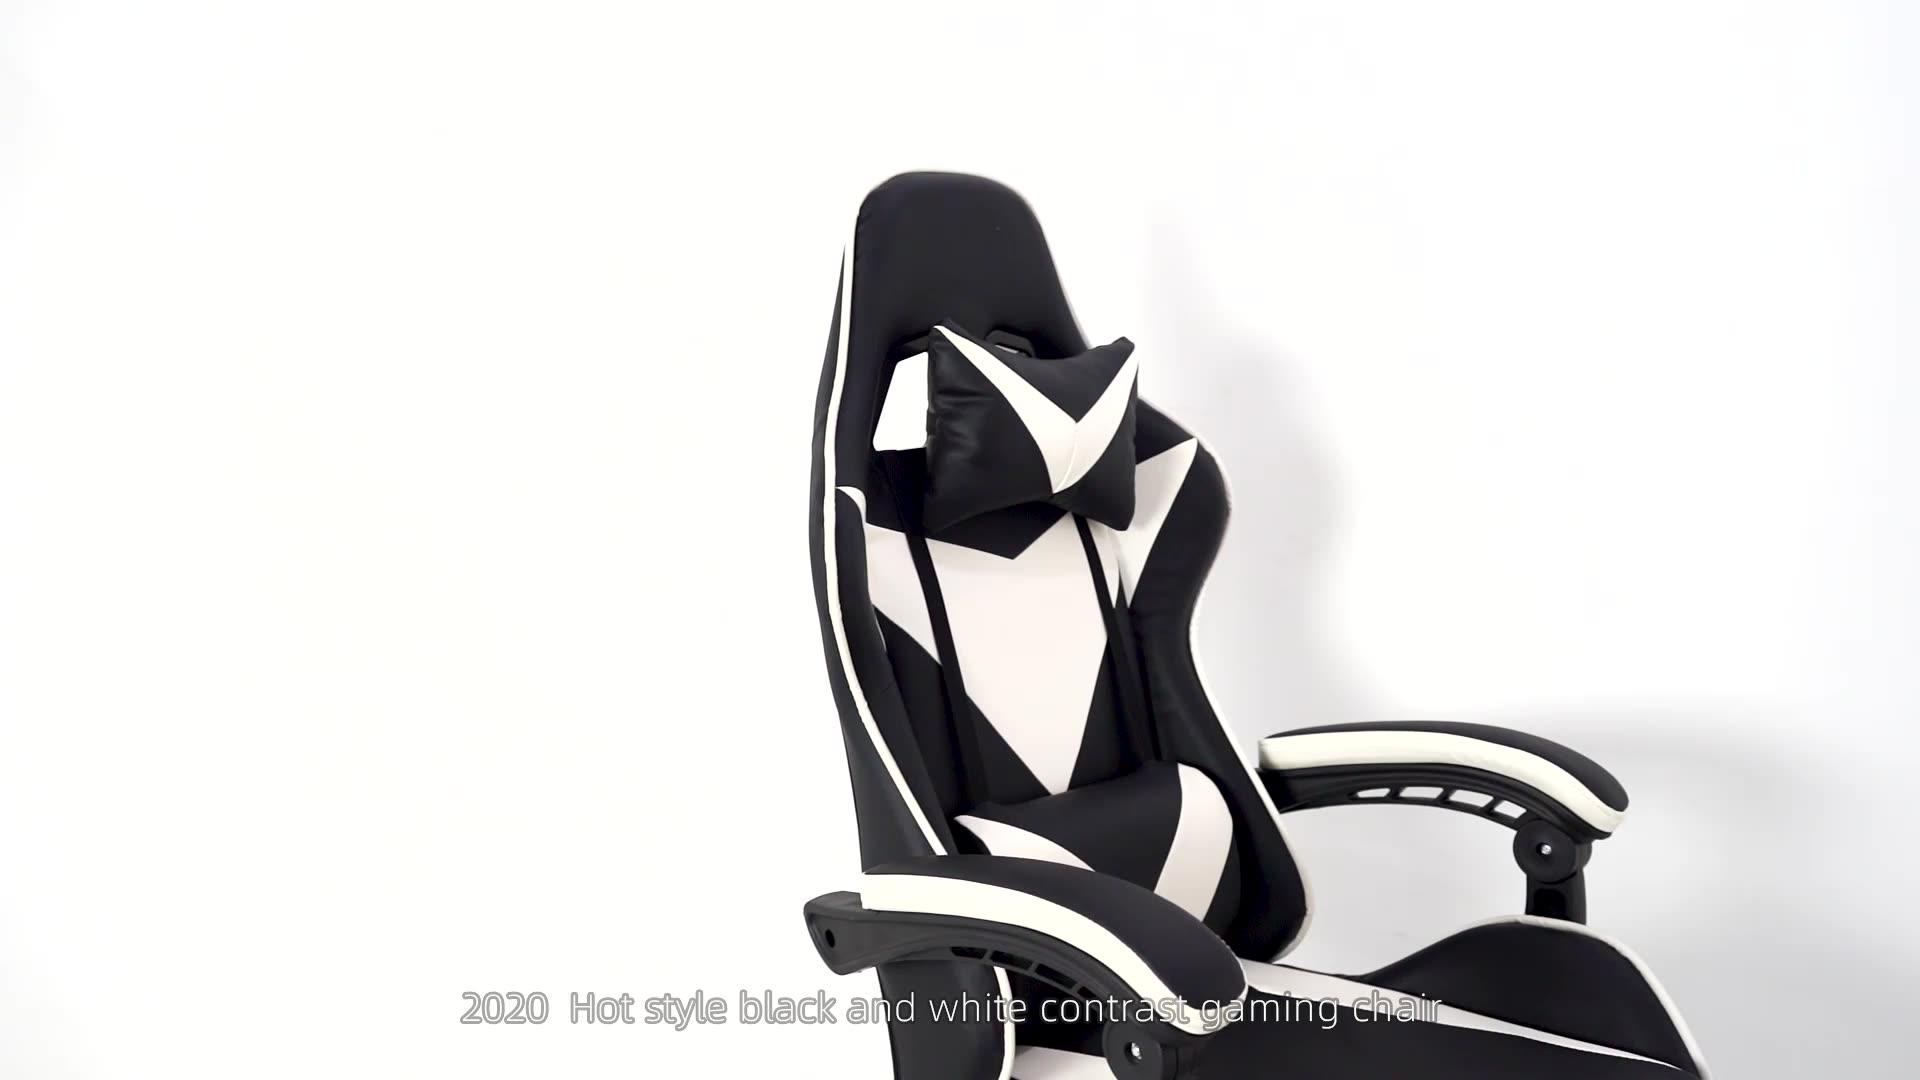 Profesional a silla de juego para cadeira jugador computadora